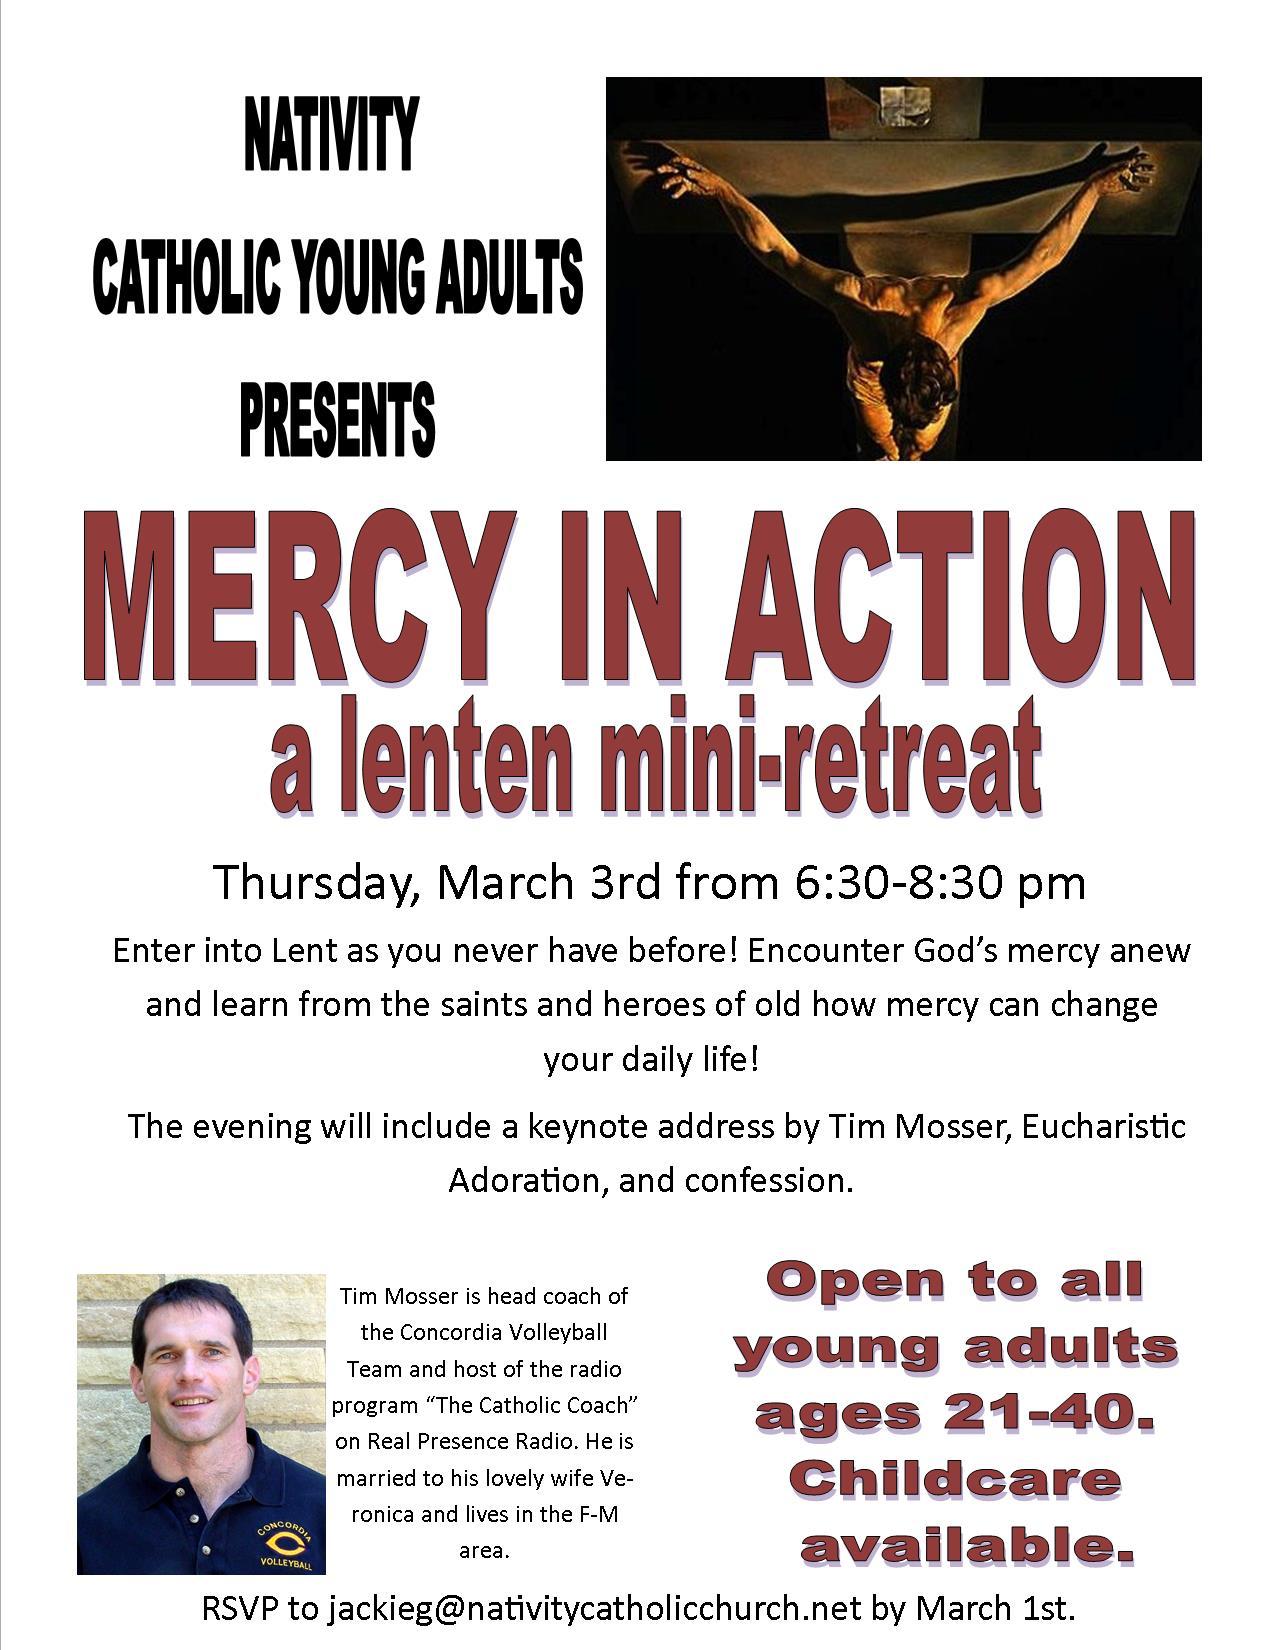 Lenten mini-retreat